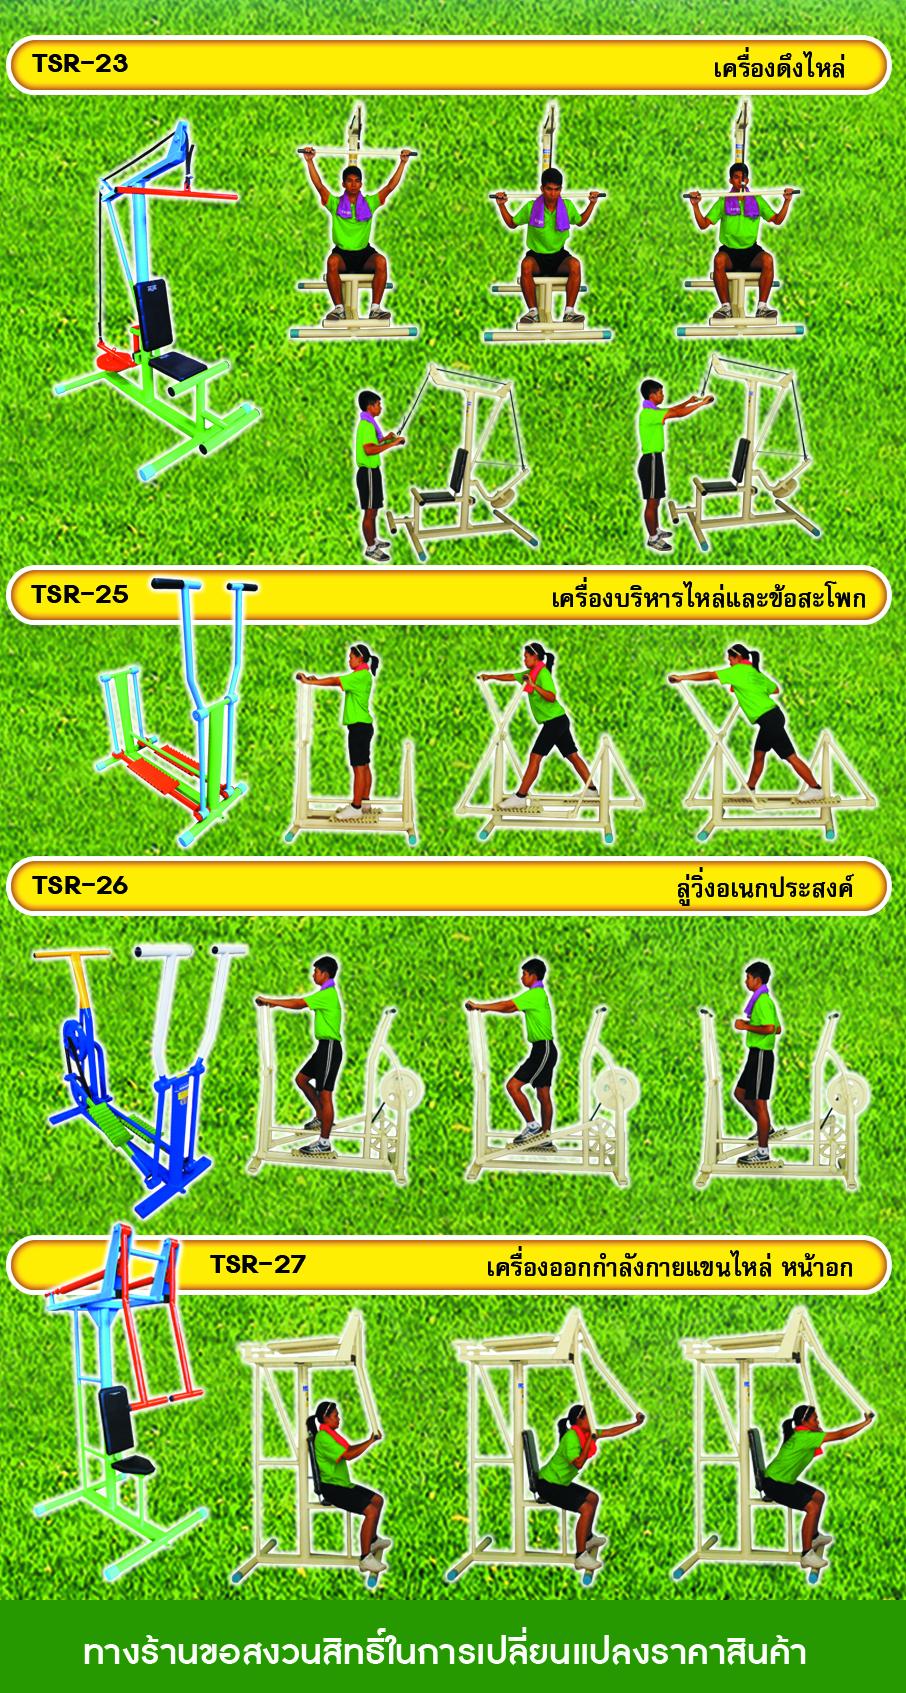 วิธีการเล่นเครื่องออกกำลังกาย-6